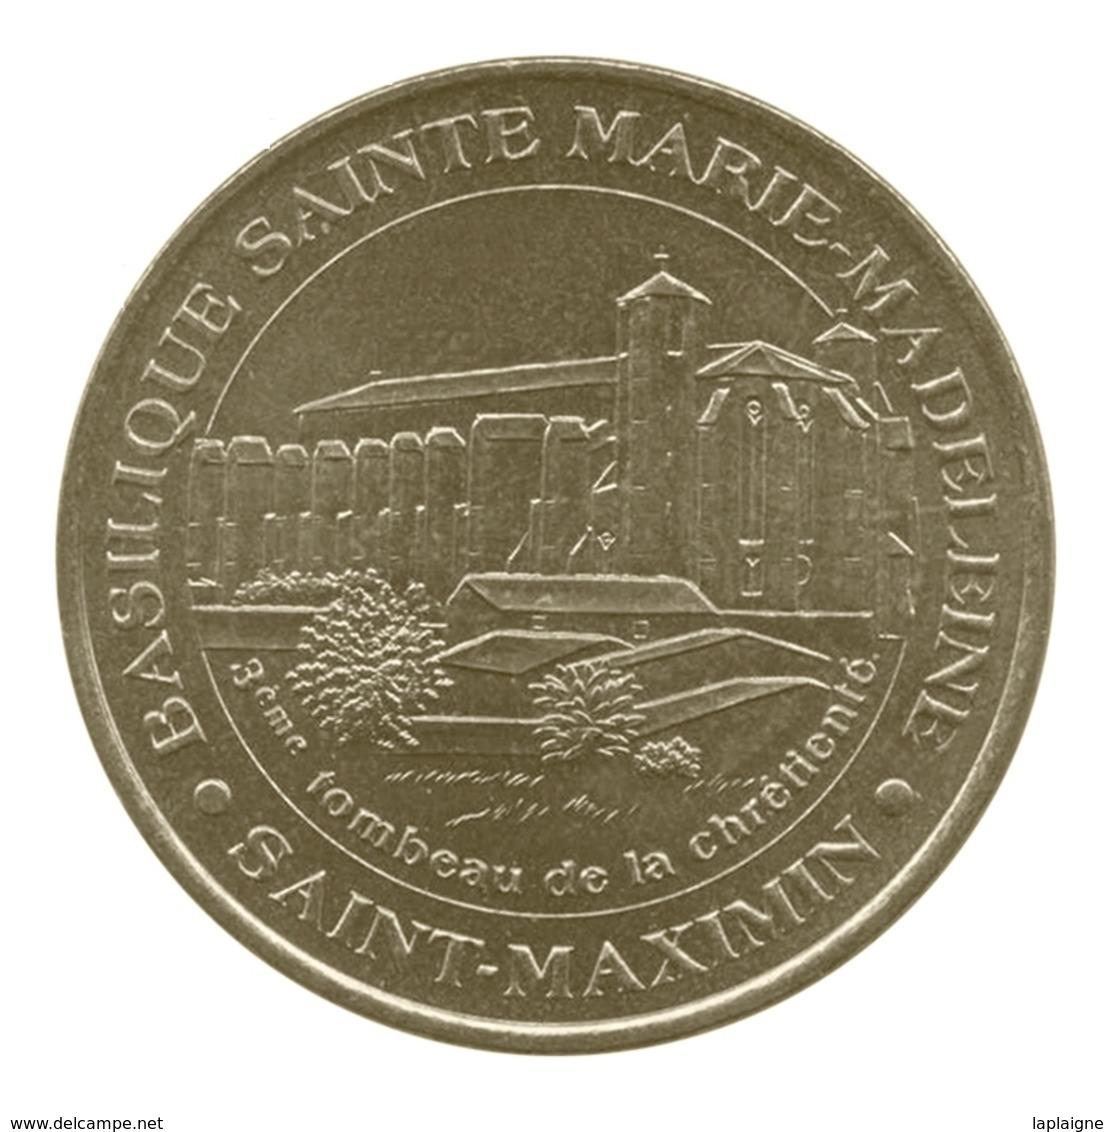 Monnaie De Paris , 2011 , Saint-Maximin-La-Sainte-Baume , Basilique Sainte Marie Madeleine - Other